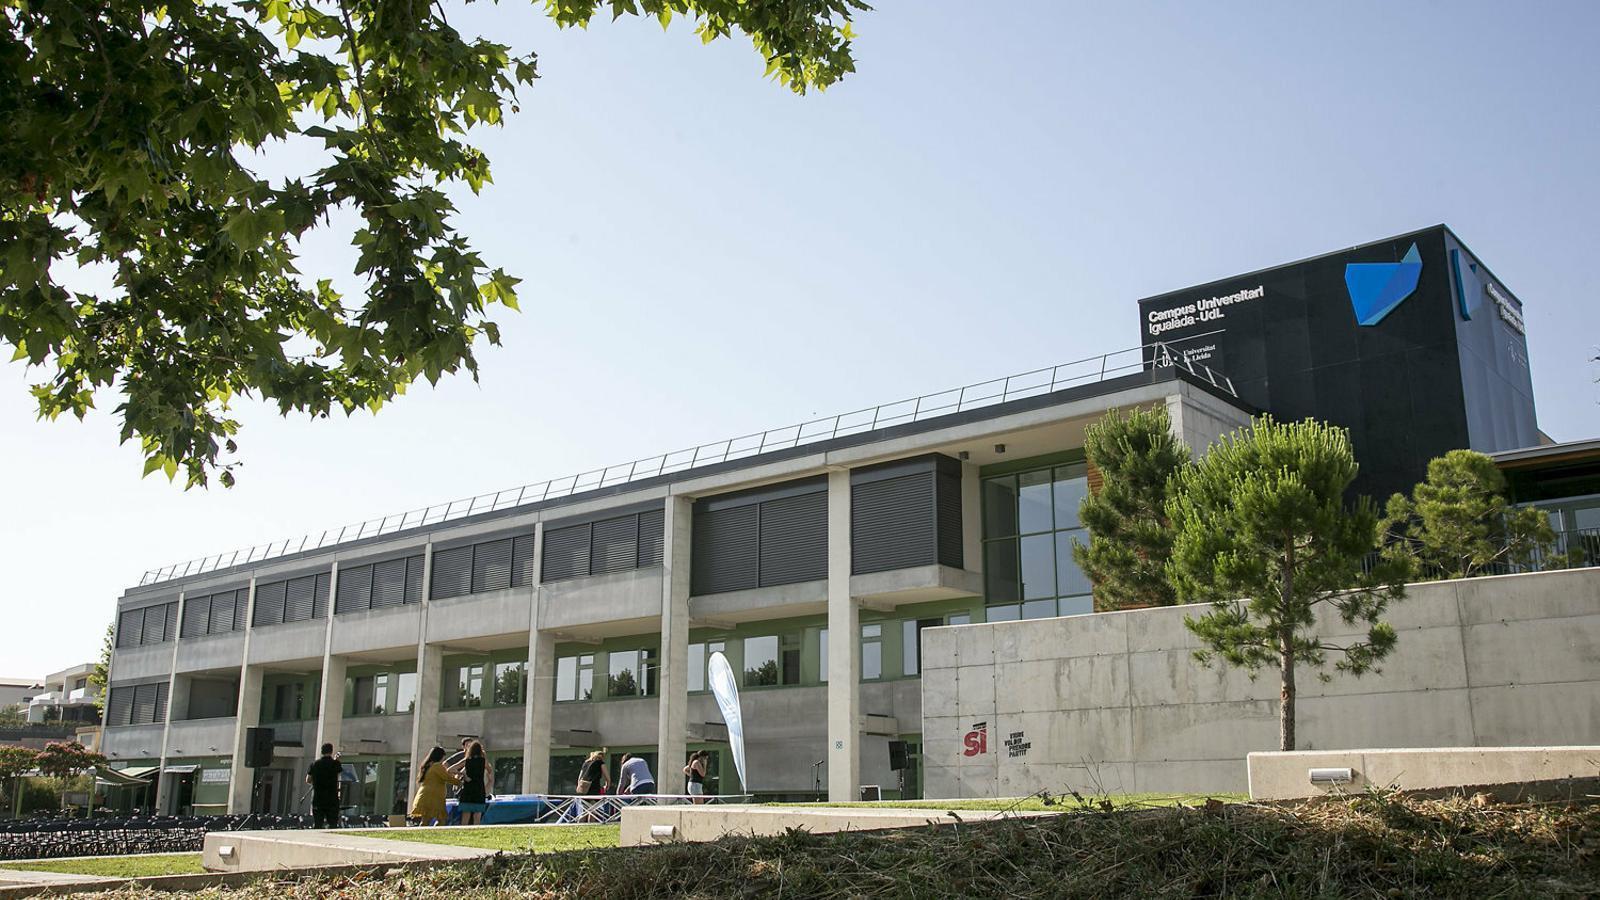 El campus de la UPC a Igualada va ser investigat per factures dubtoses